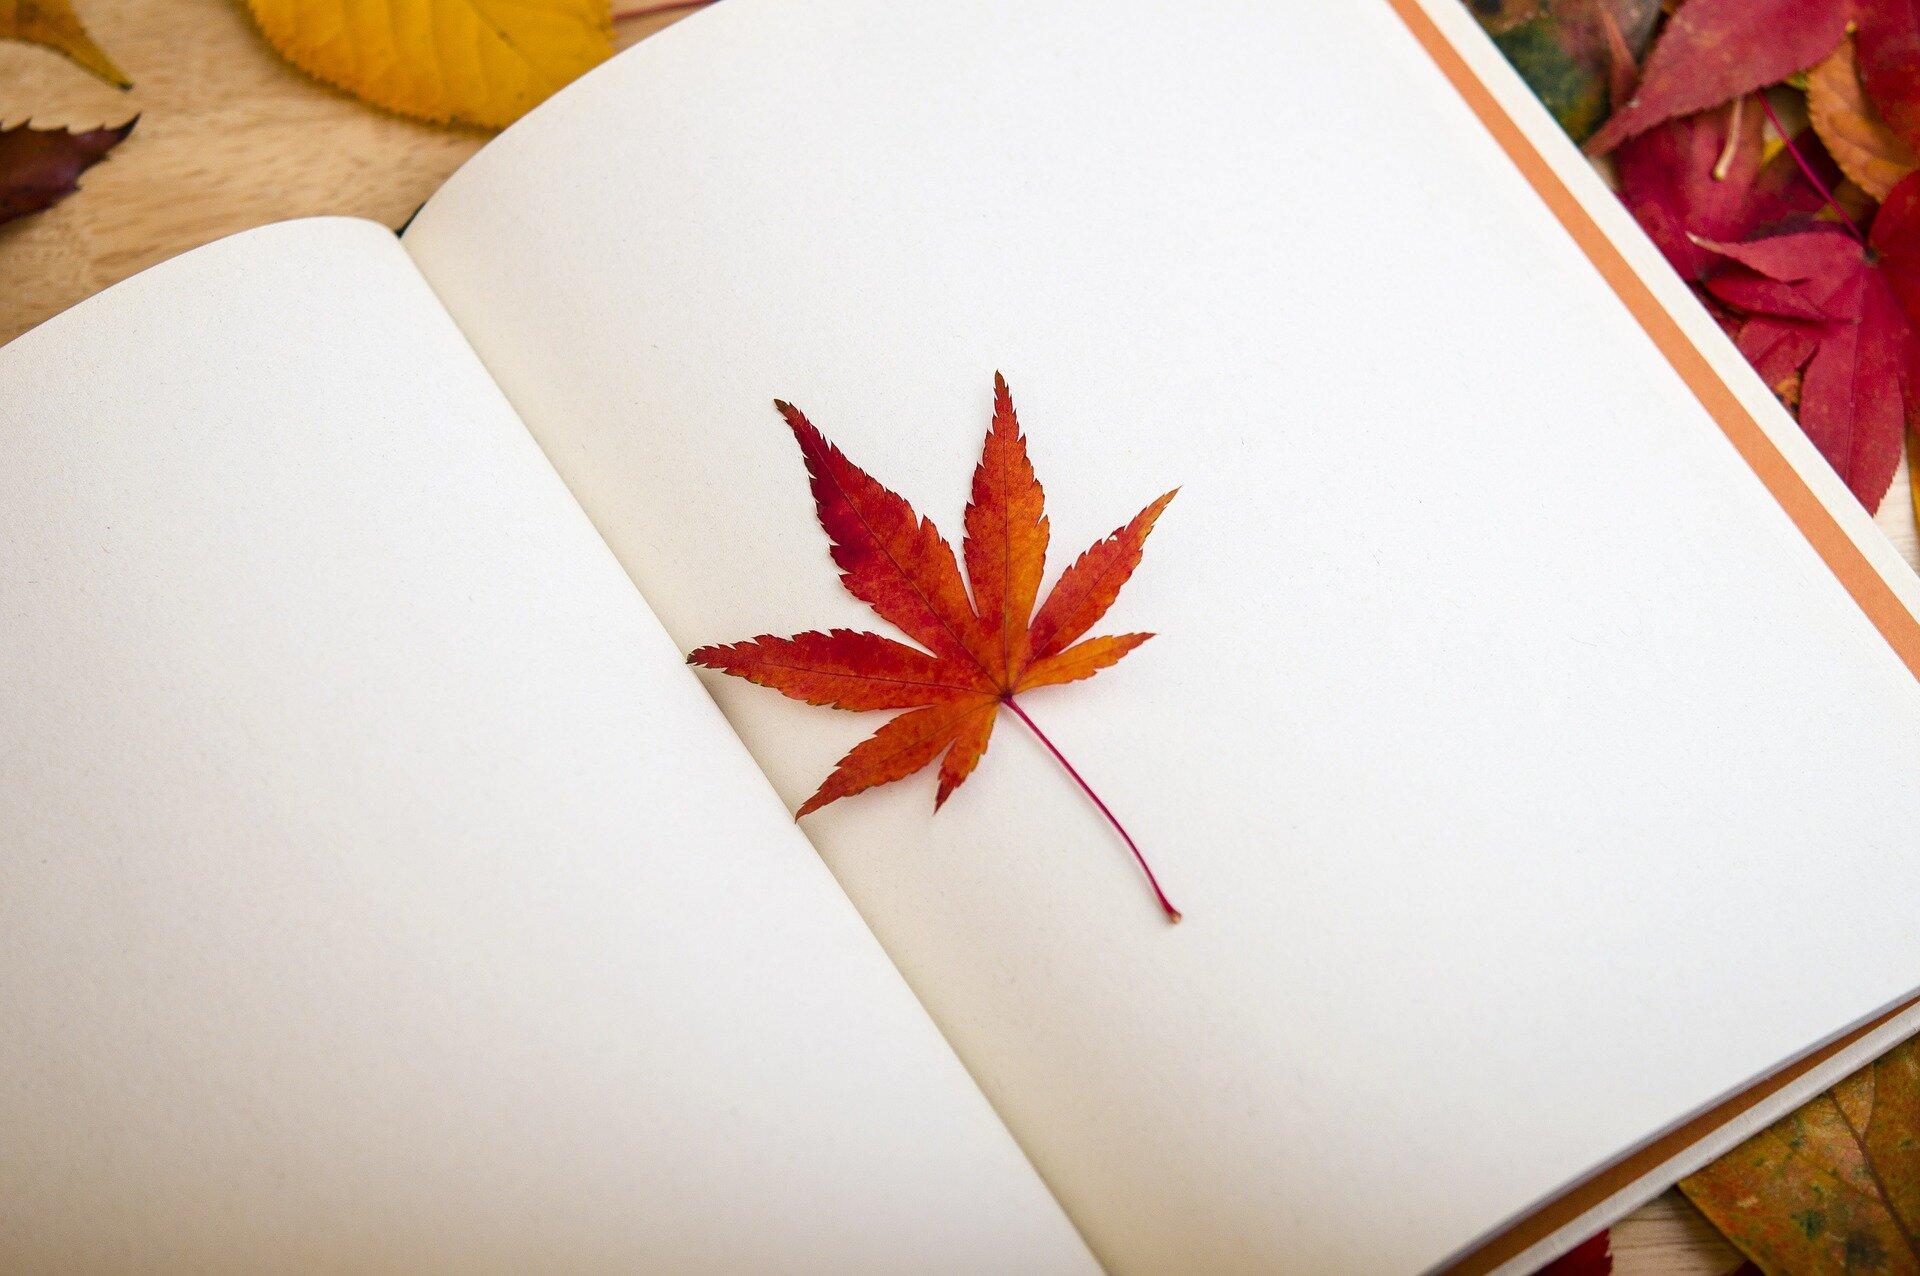 maple-leaf-638022_1920